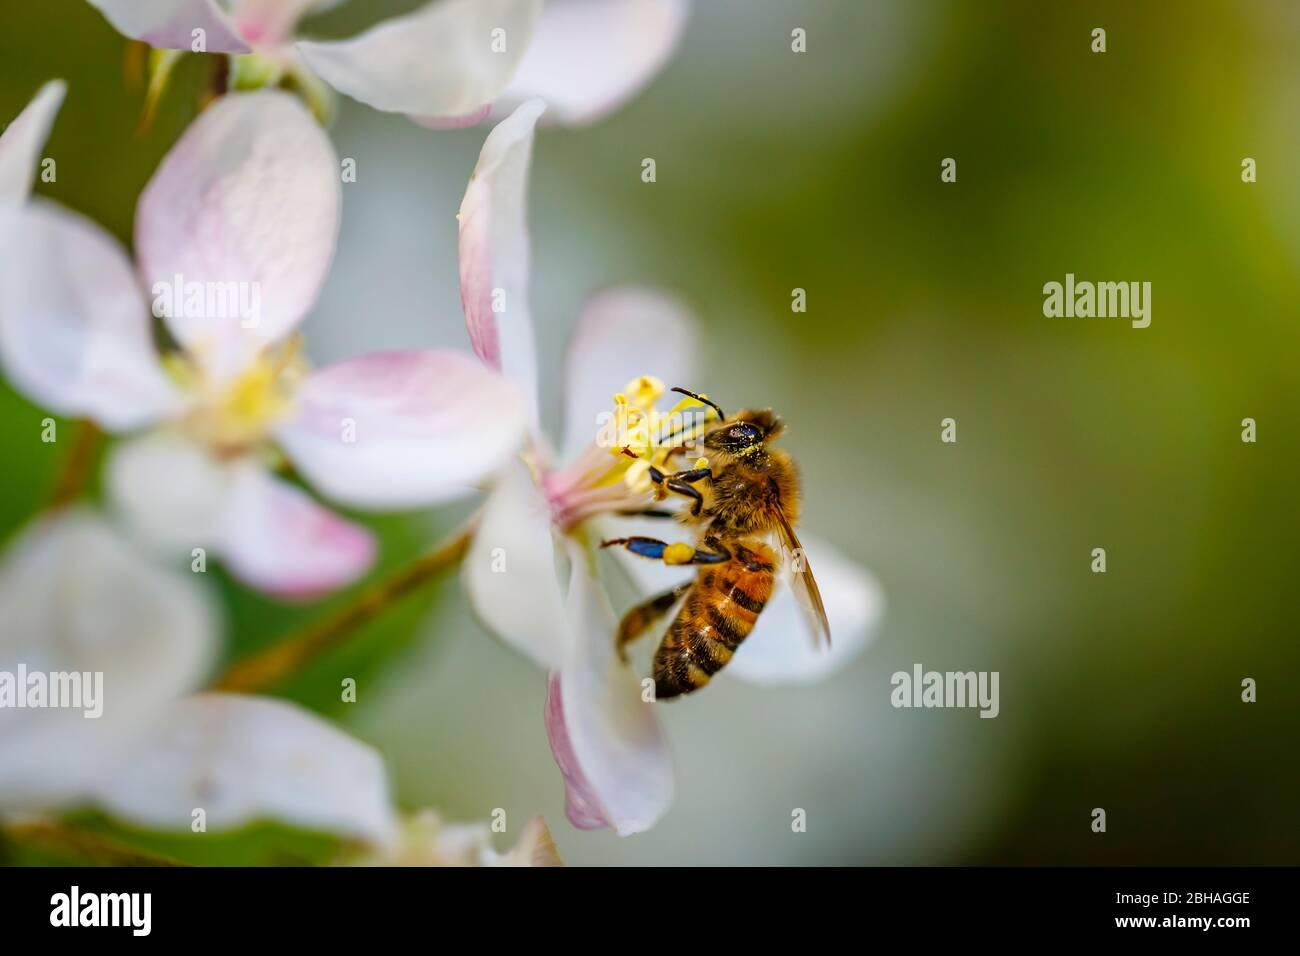 Minibeast: Un'ape di miele, Apis mellifera, raccolta di nettare e polline dalle stampe di bianco albero di mele fioriscono in primavera, Surrey Foto Stock